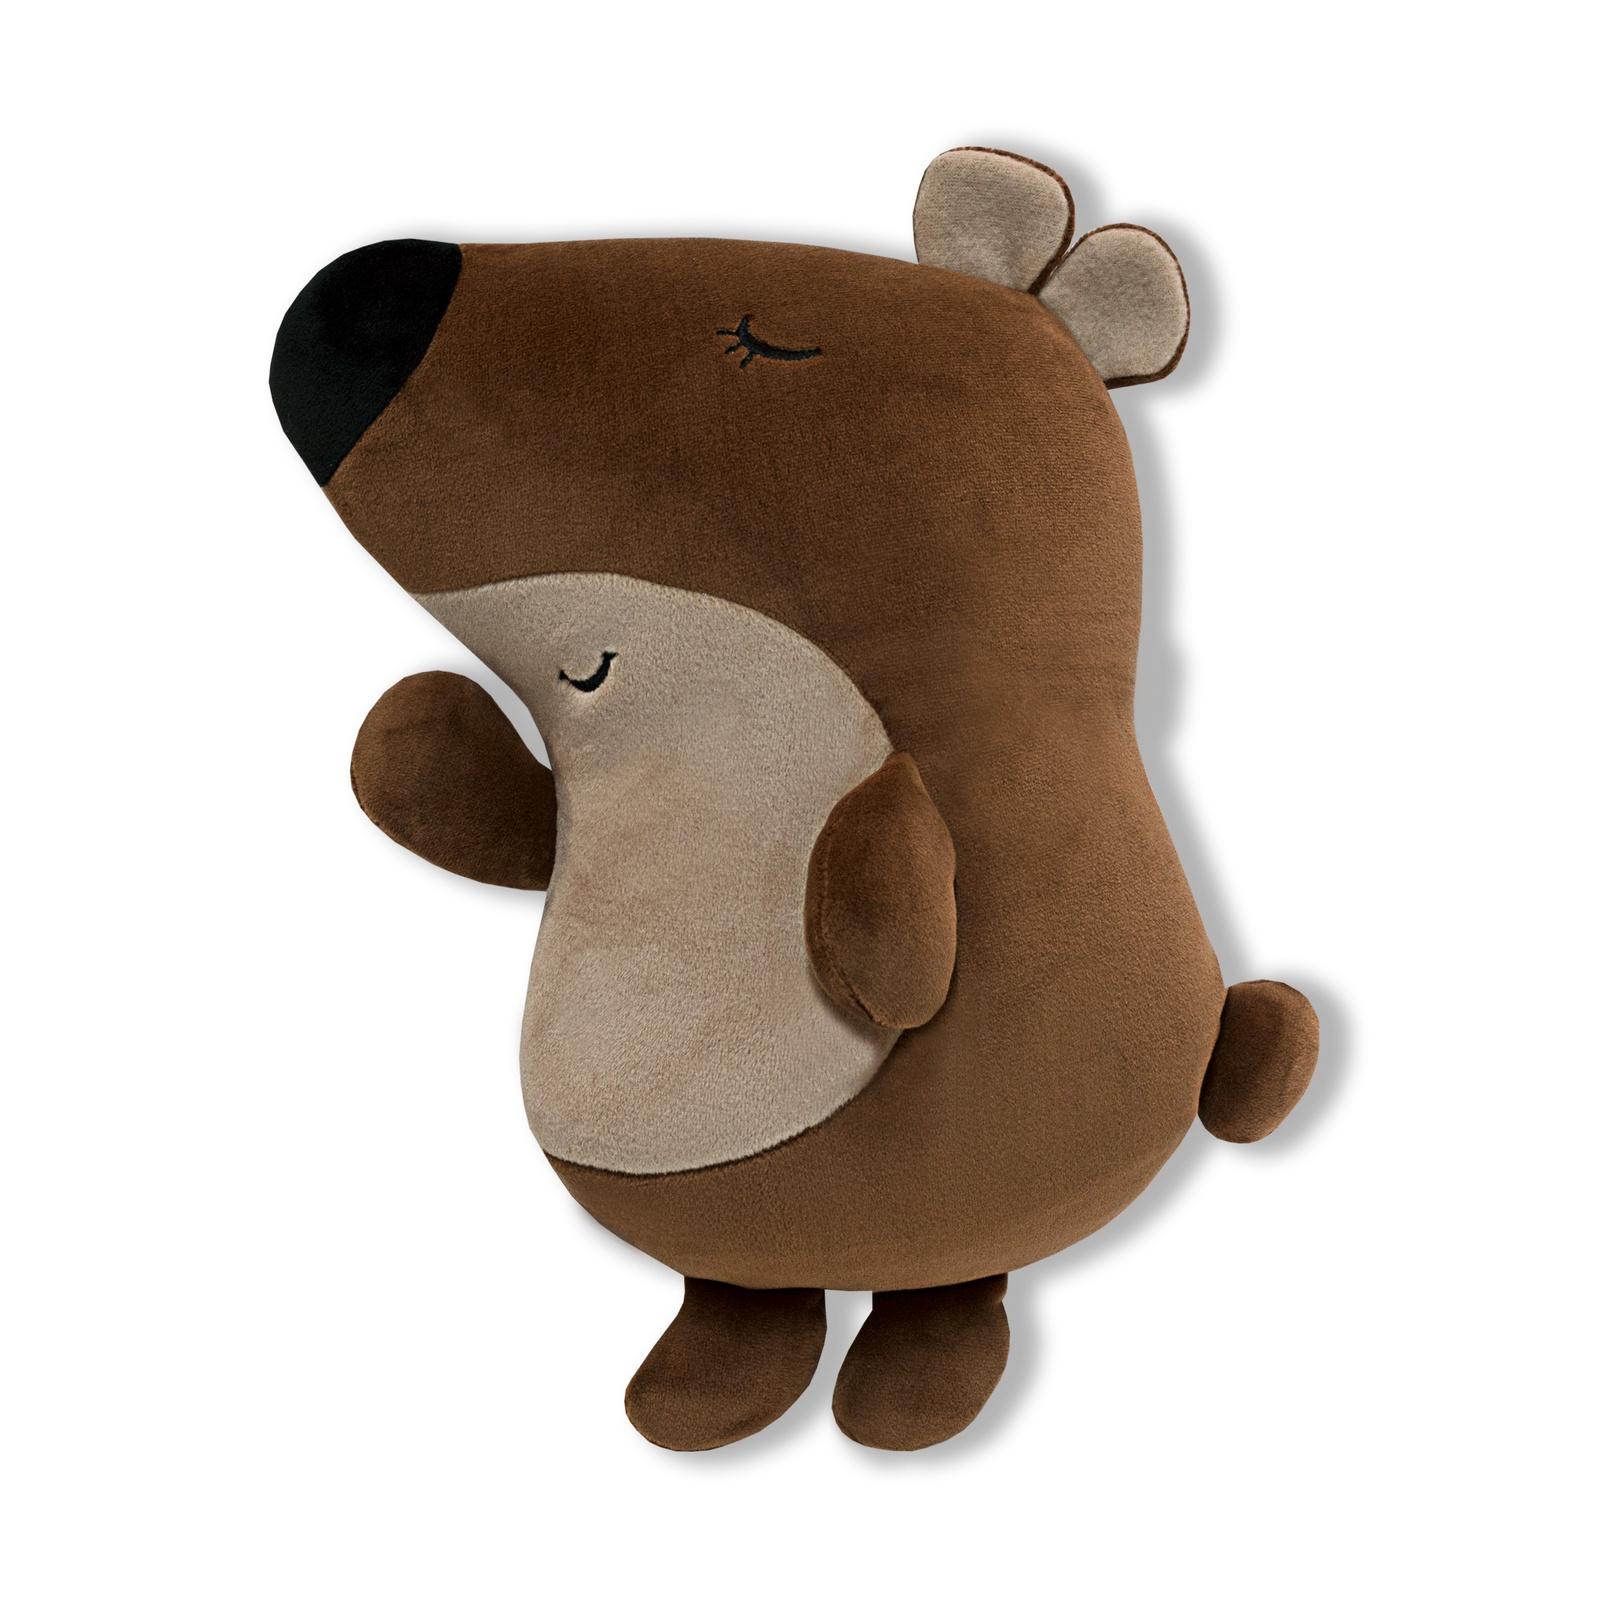 Игрушка антистресс Штучки, к которым тянутся ручки Сплюшка Медведь